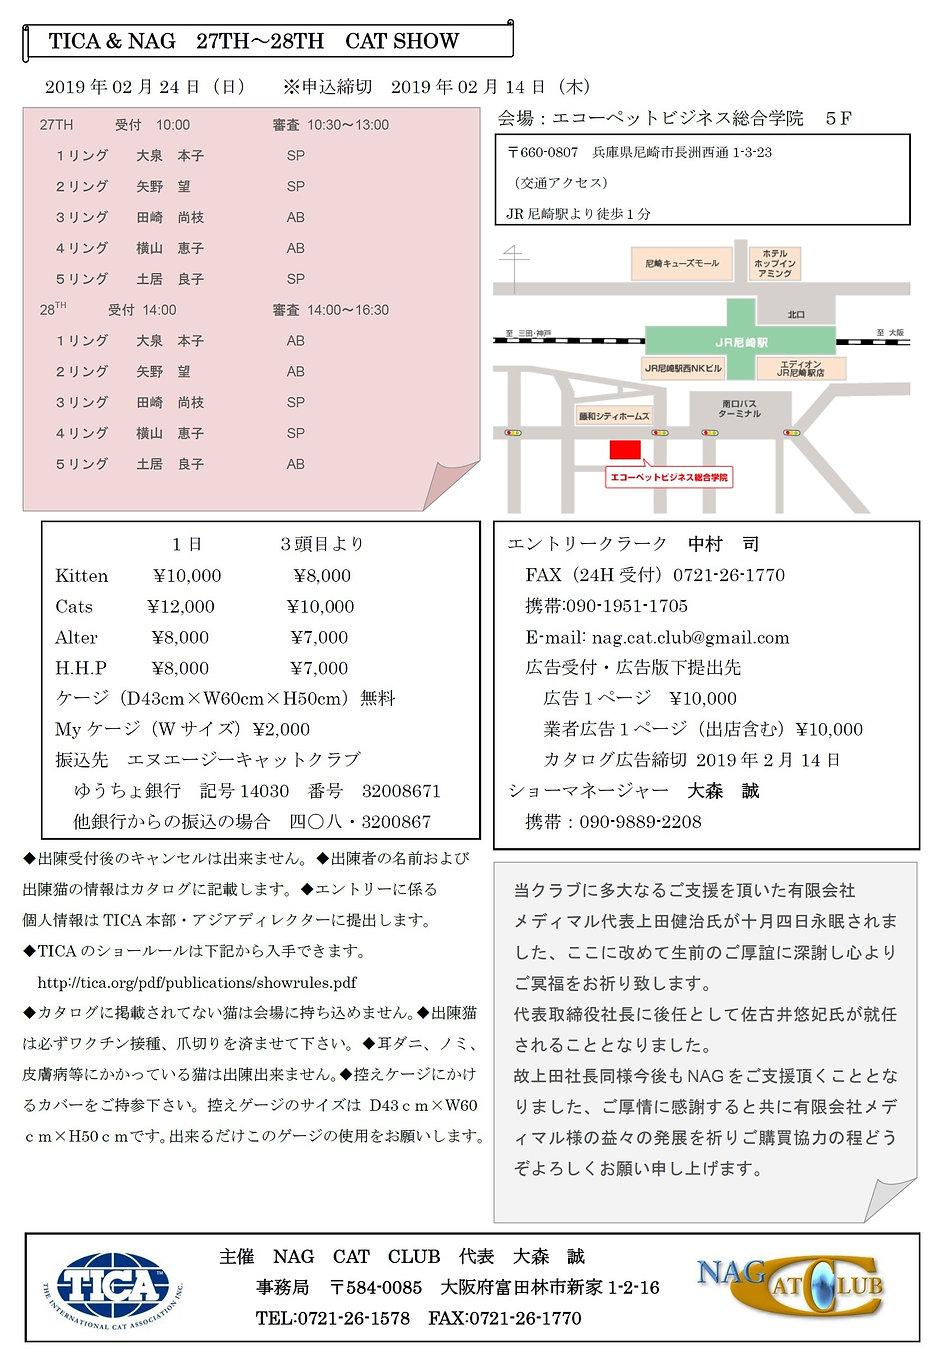 2019.2.24 キャットショー(エコーペットビジネス総合学院 5F.jpg